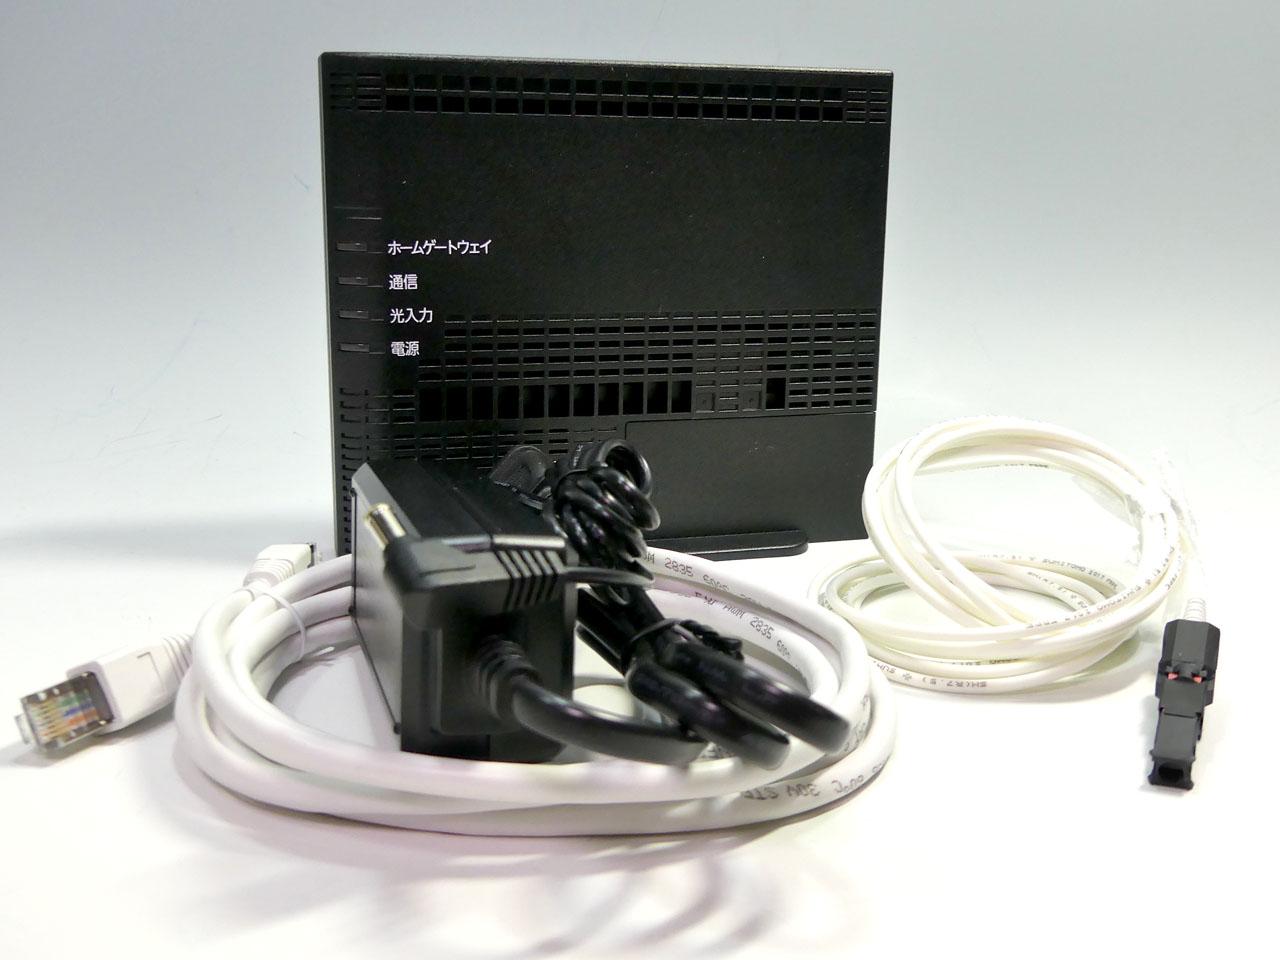 auひかり ホーム10ギガ対応のONU。光ファイバーケーブルは本体に接続済みとなっている